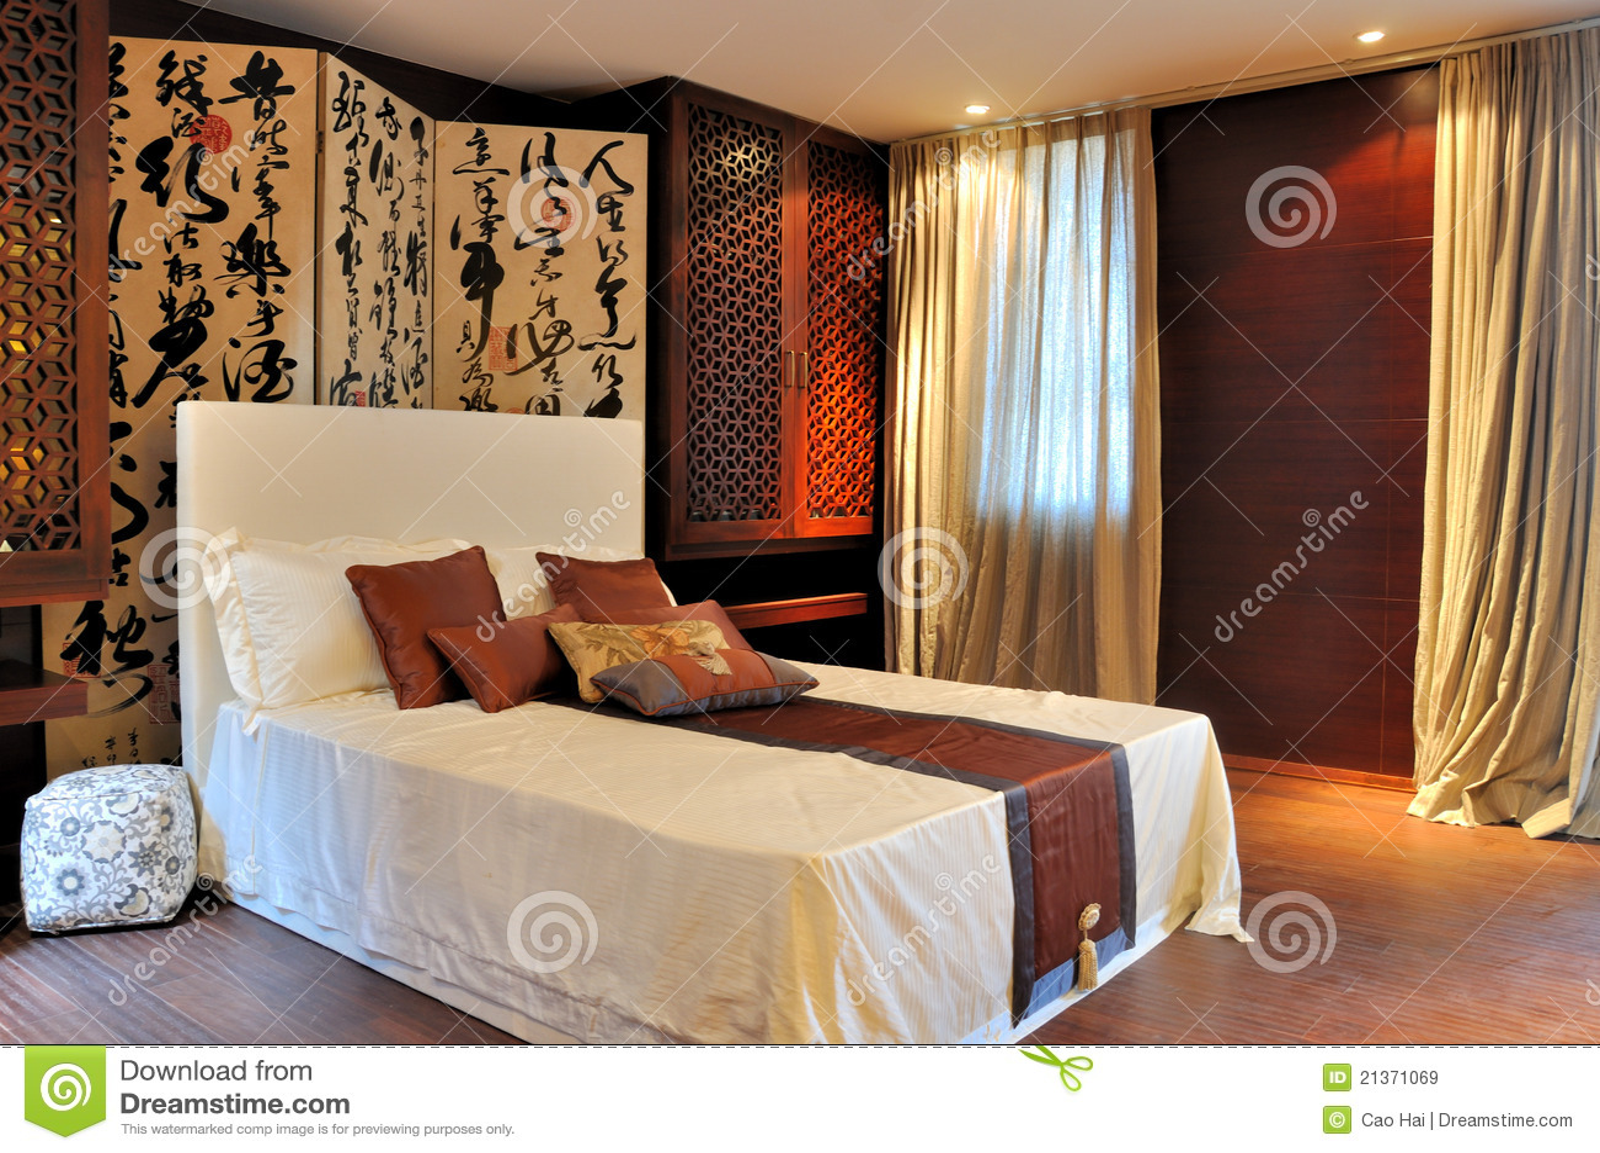 Oosterse Slaapkamer Inrichten : Oosterse slaapkamer inrichten oriental style bedroom stock image